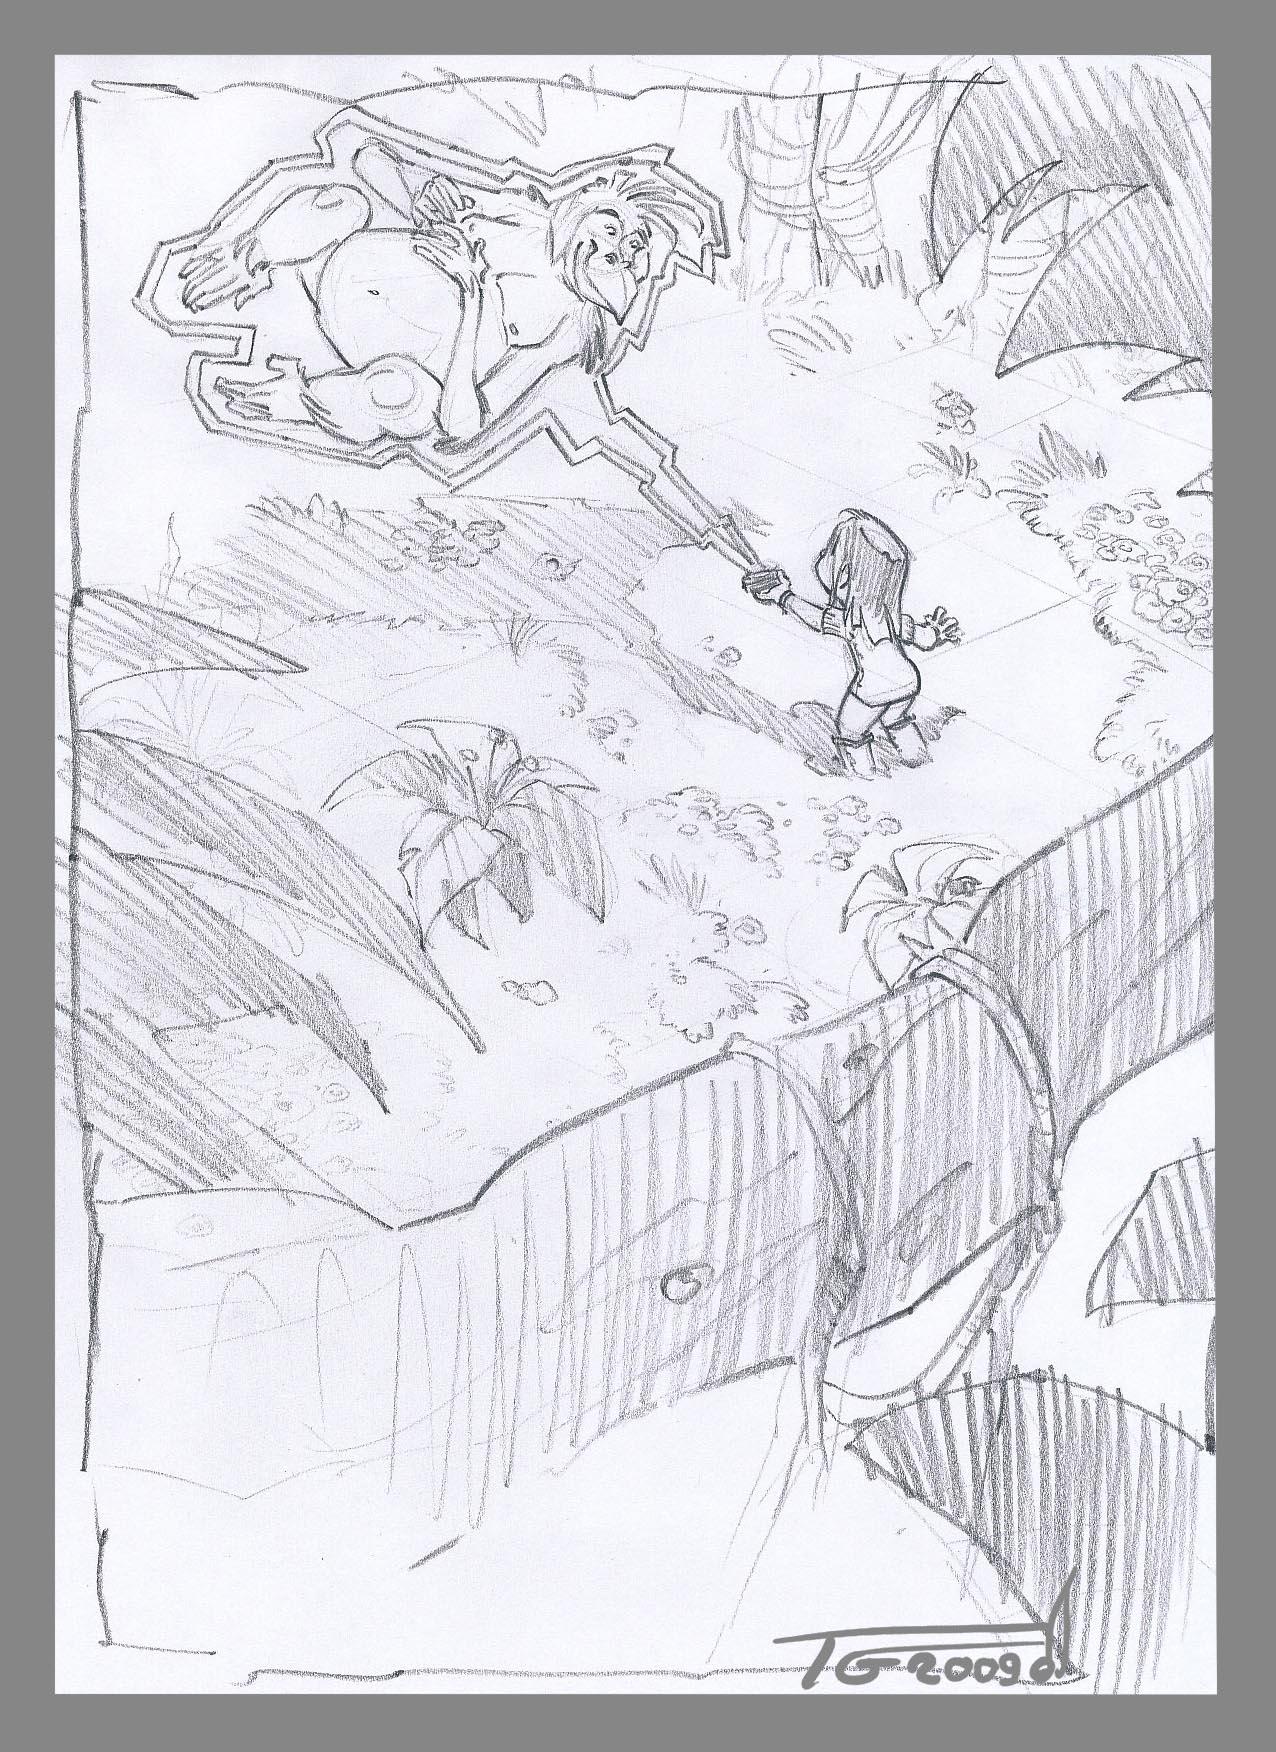 Sketch01 rough